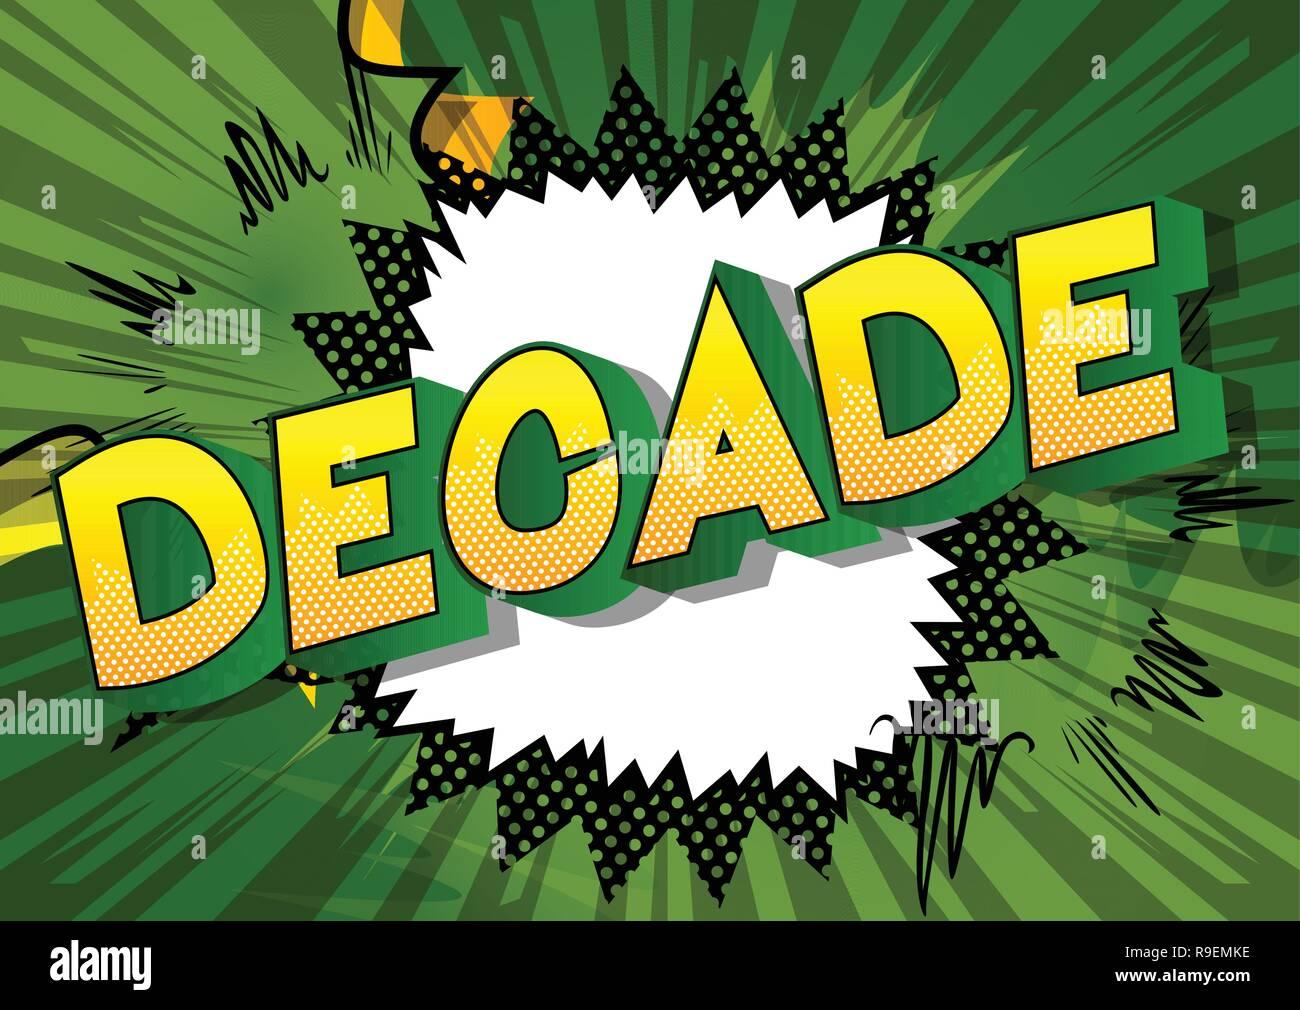 Dekade - Vektor illustrierte Comic Stil Phrase auf abstrakten Hintergrund. Stockbild